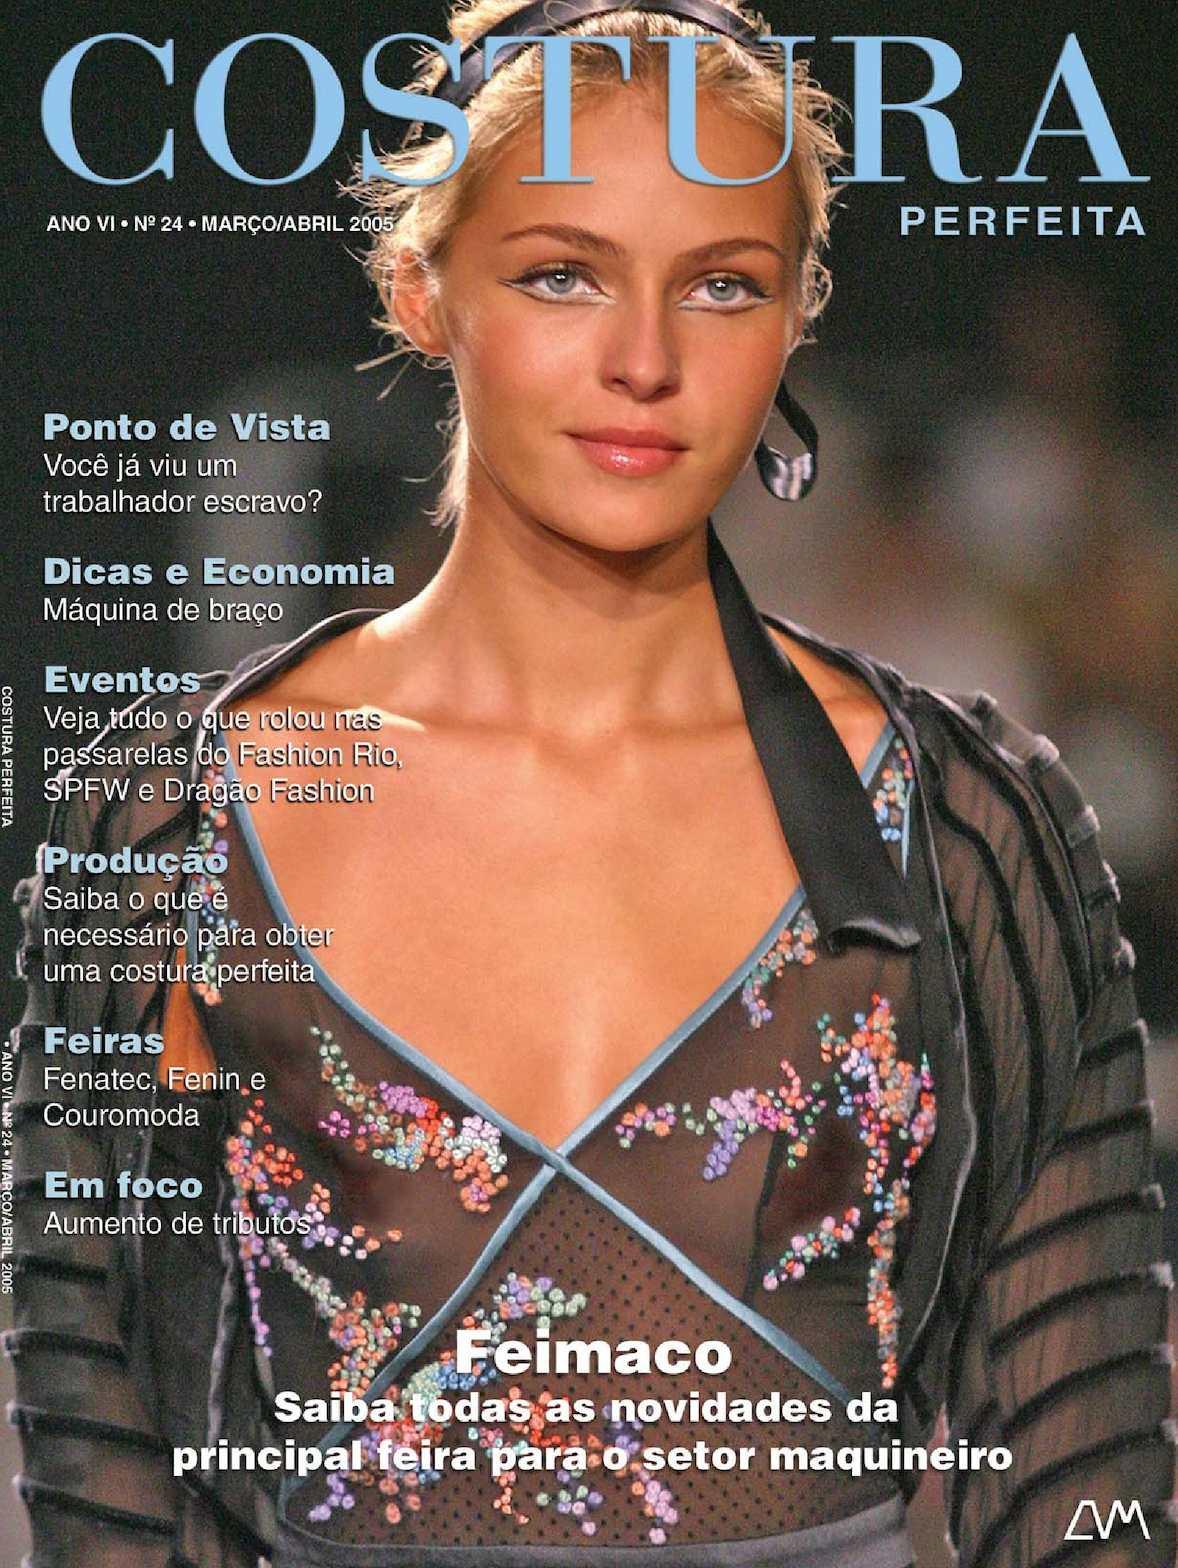 3ee1ec3a4 Calaméo - Revista Costura Perfeita Edição Ano Vi N24 Março Abril 2005